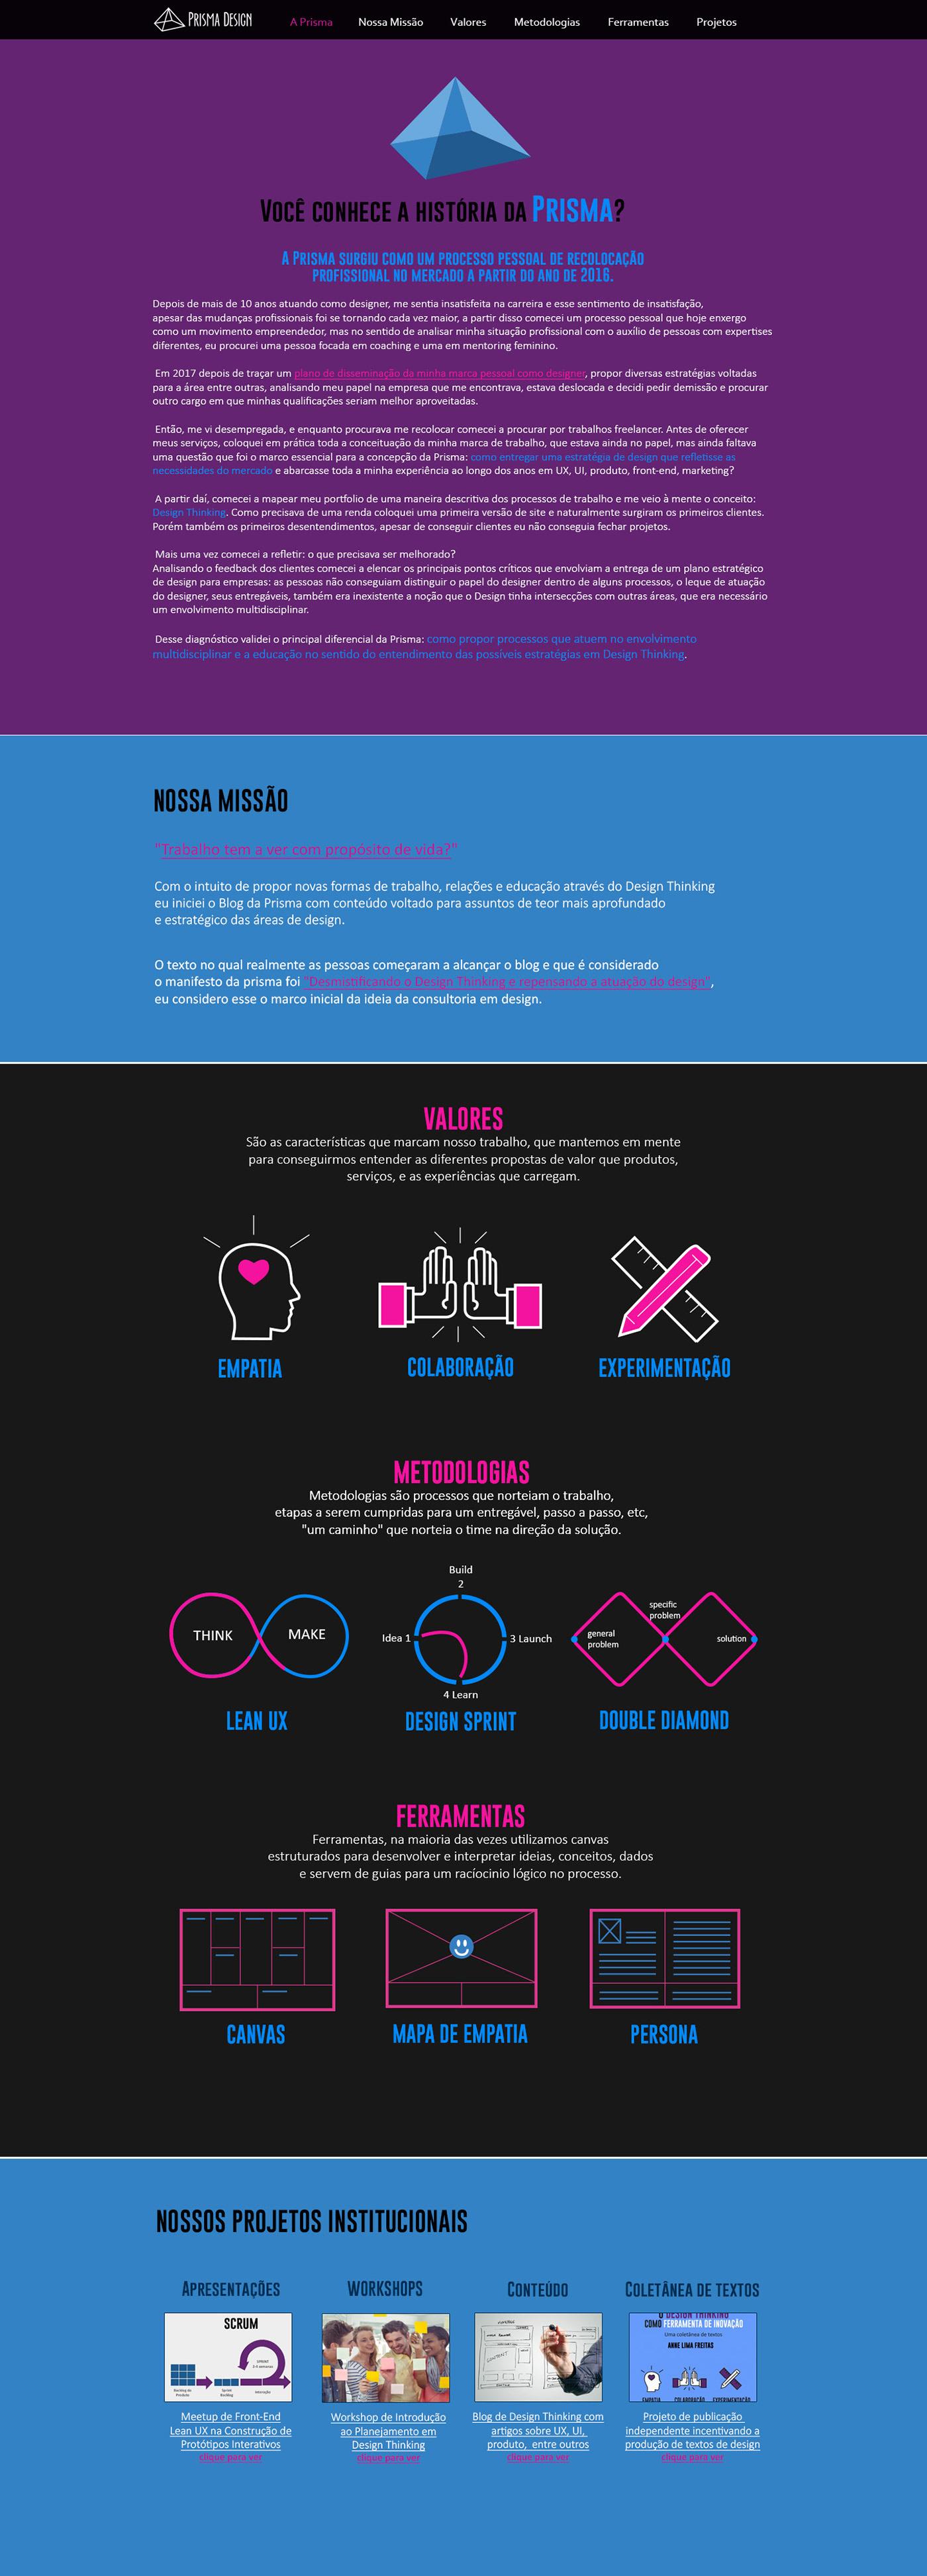 Interface UI user interface Direção de arte identidade visual visual guidelines style guides prismadesign annefreitasdesigner prismaconsultoriadedesign